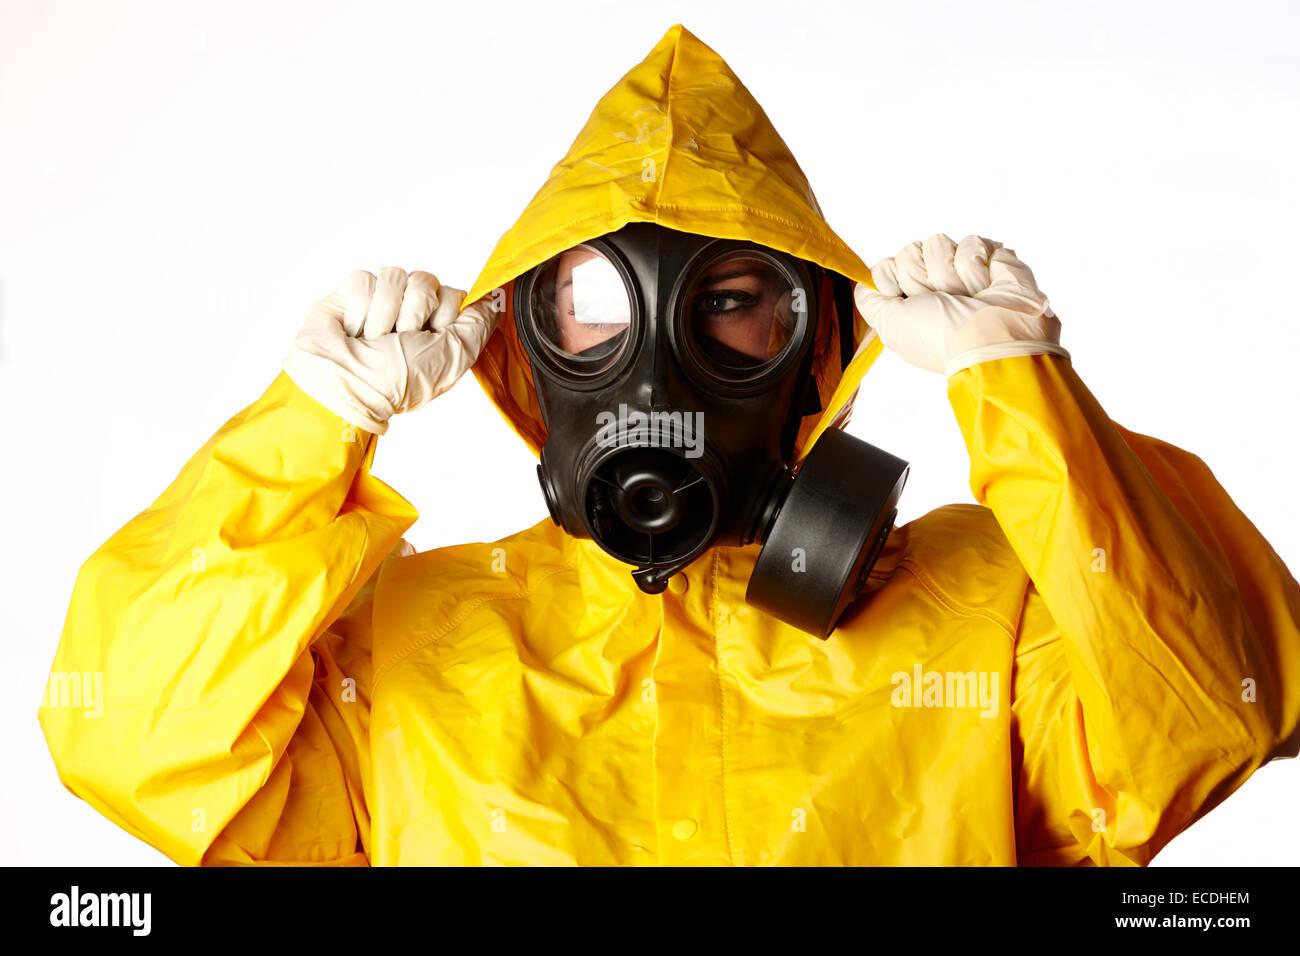 Donna che indossa indumenti protettivi e maschera a gas una protezione per il viso e guanti di gomma Immagini Stock